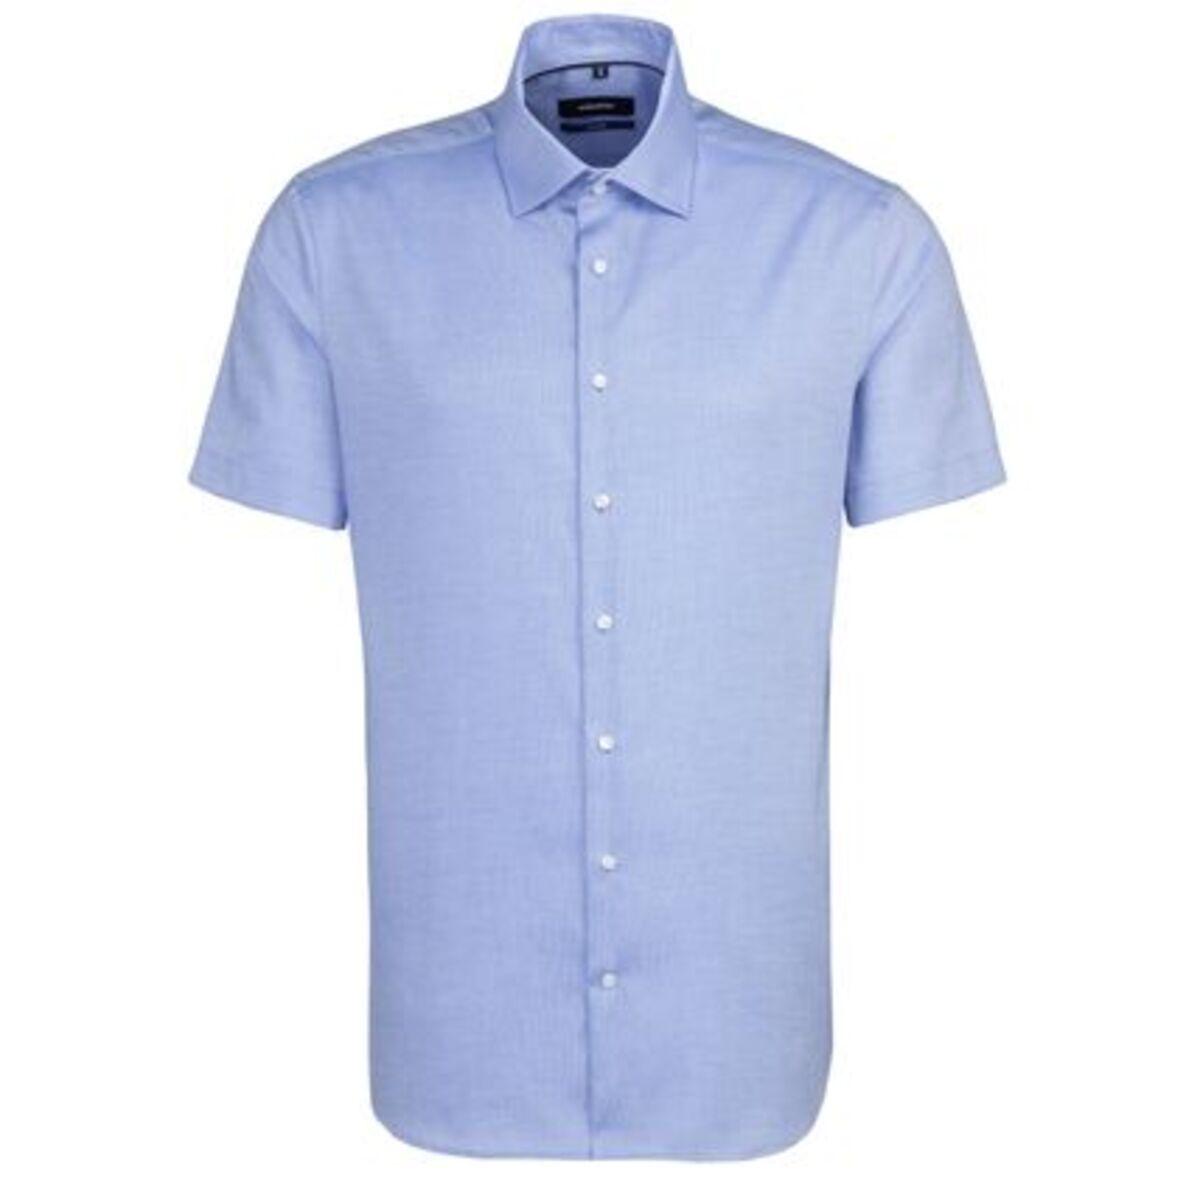 Bild 1 von Seidensticker Business Hemd Tailored Kurzarm Kentkragen Uni, mittelblau